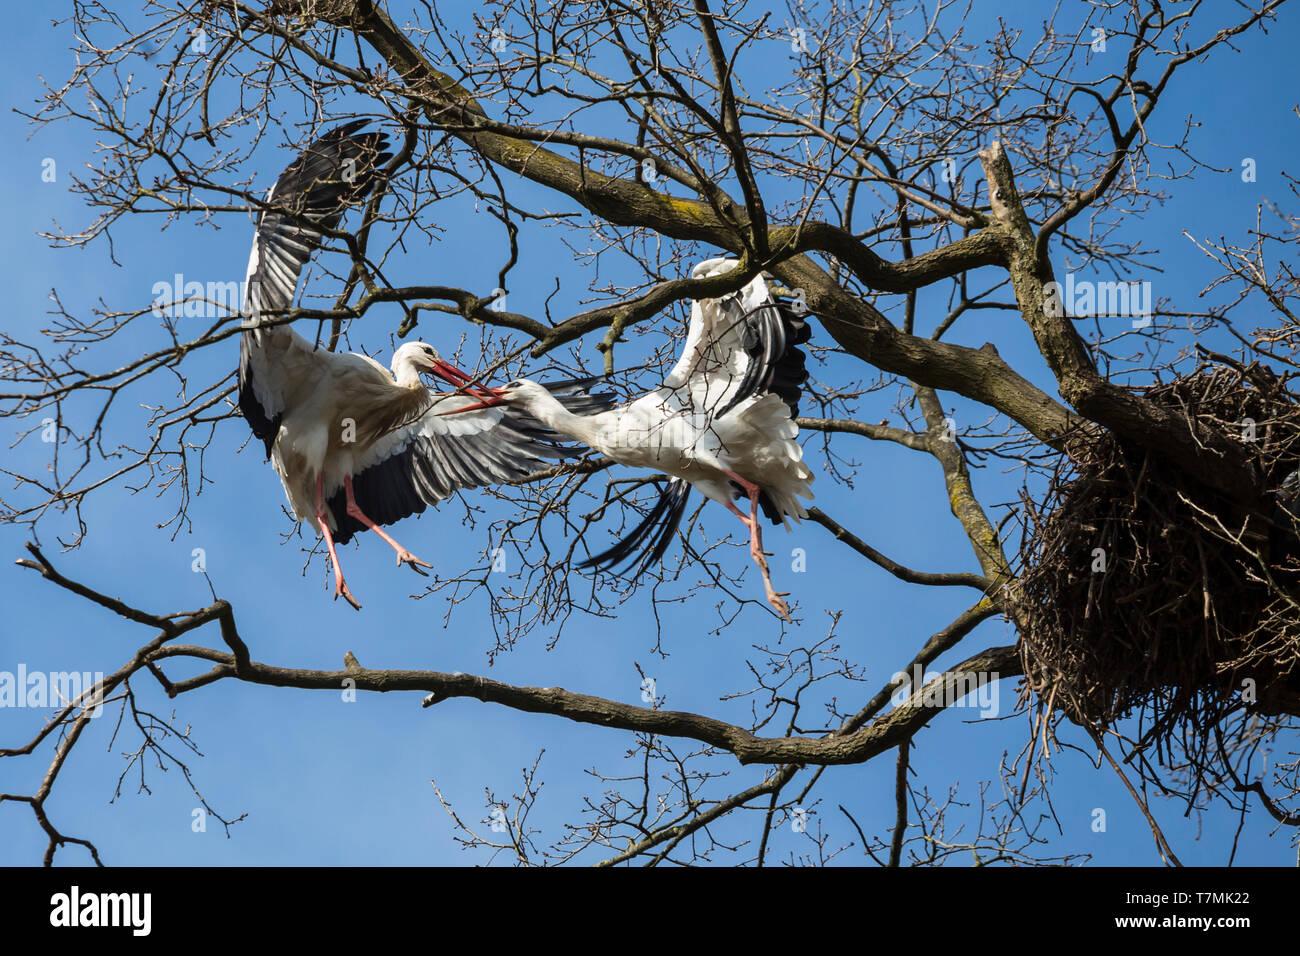 Cigüeña blanca (Ciconia ciconia). Dos aves luchando por un nido en un árbol. Alemania Foto de stock